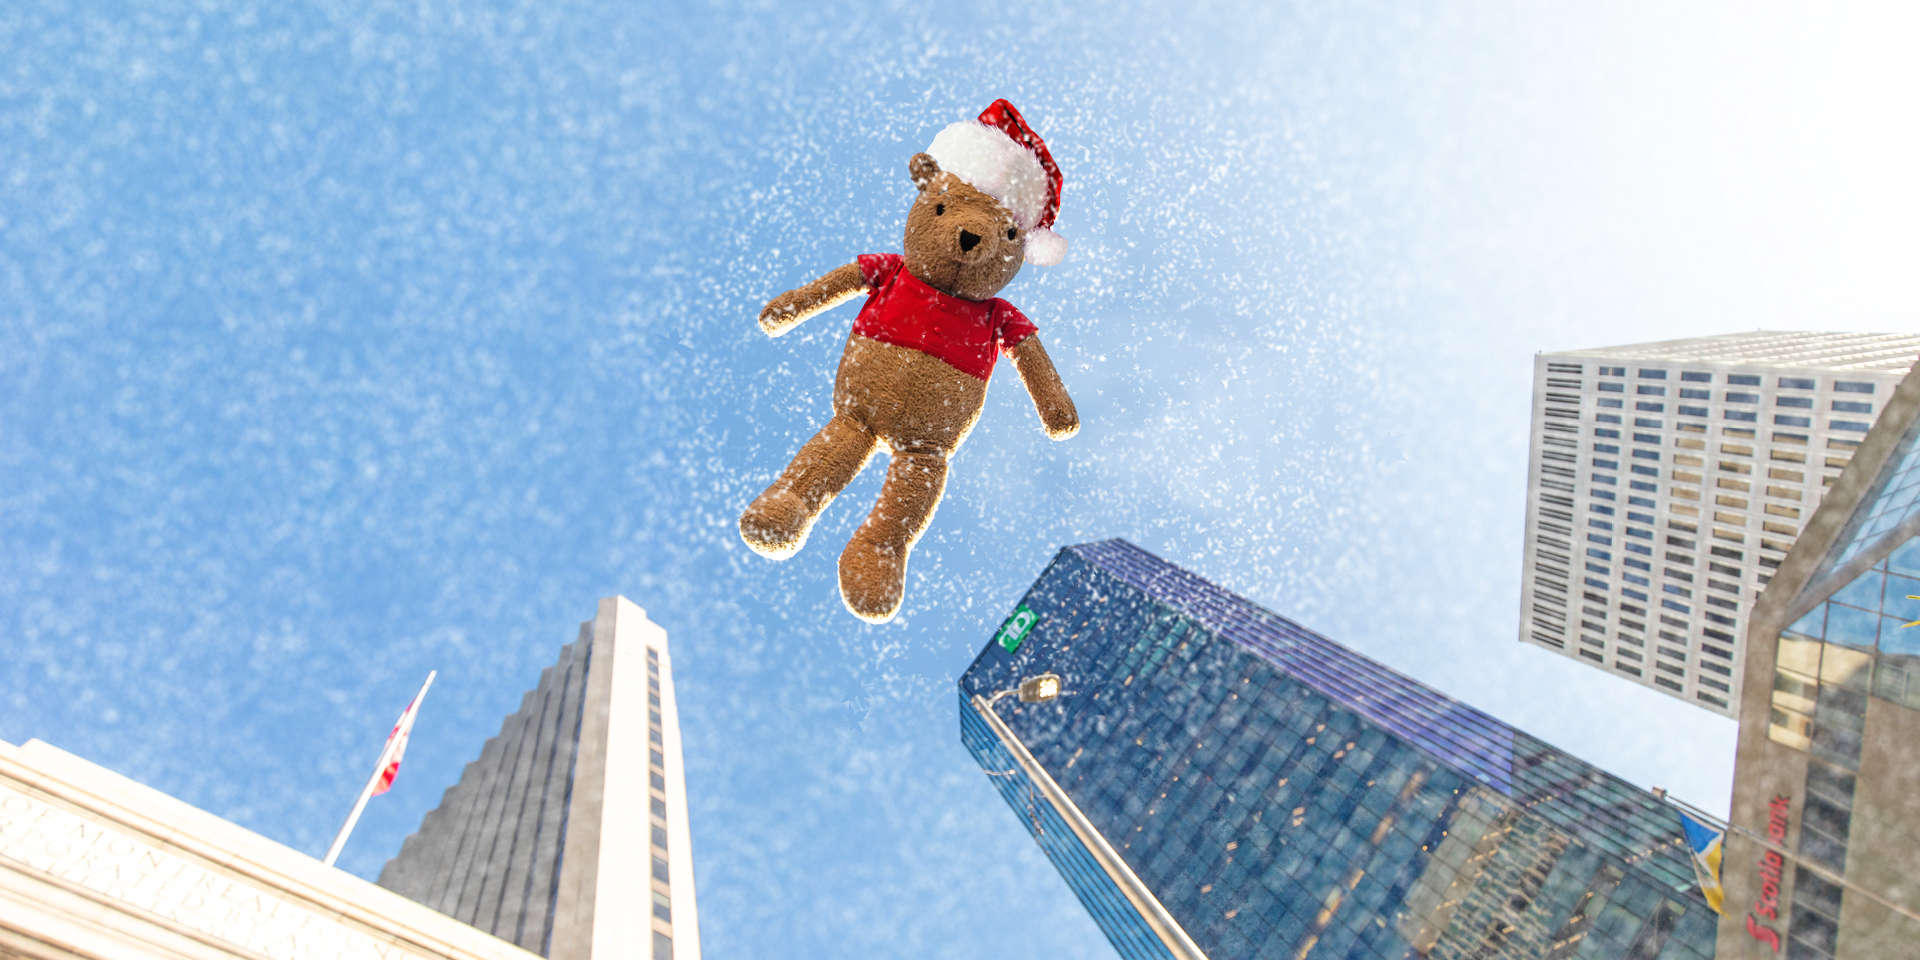 Pooh at Santa Claus Parade